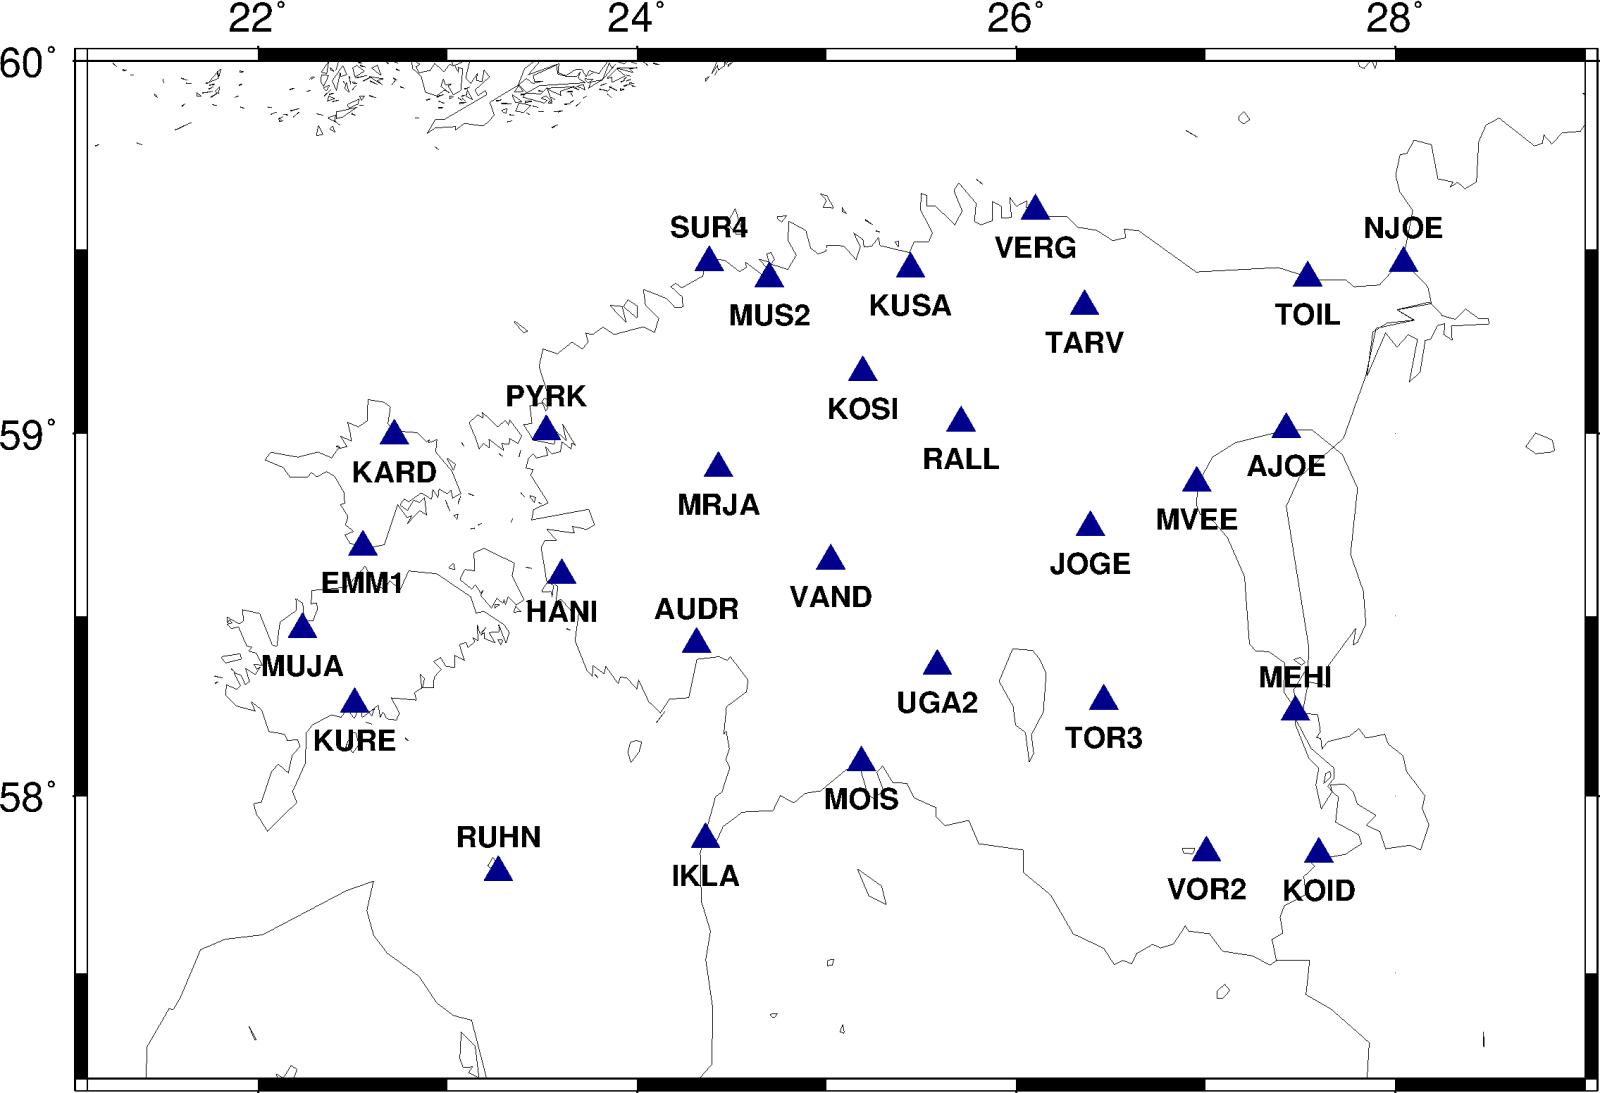 Eesti kaart ESTPOS GNSS-püsijaamade asukohtadega